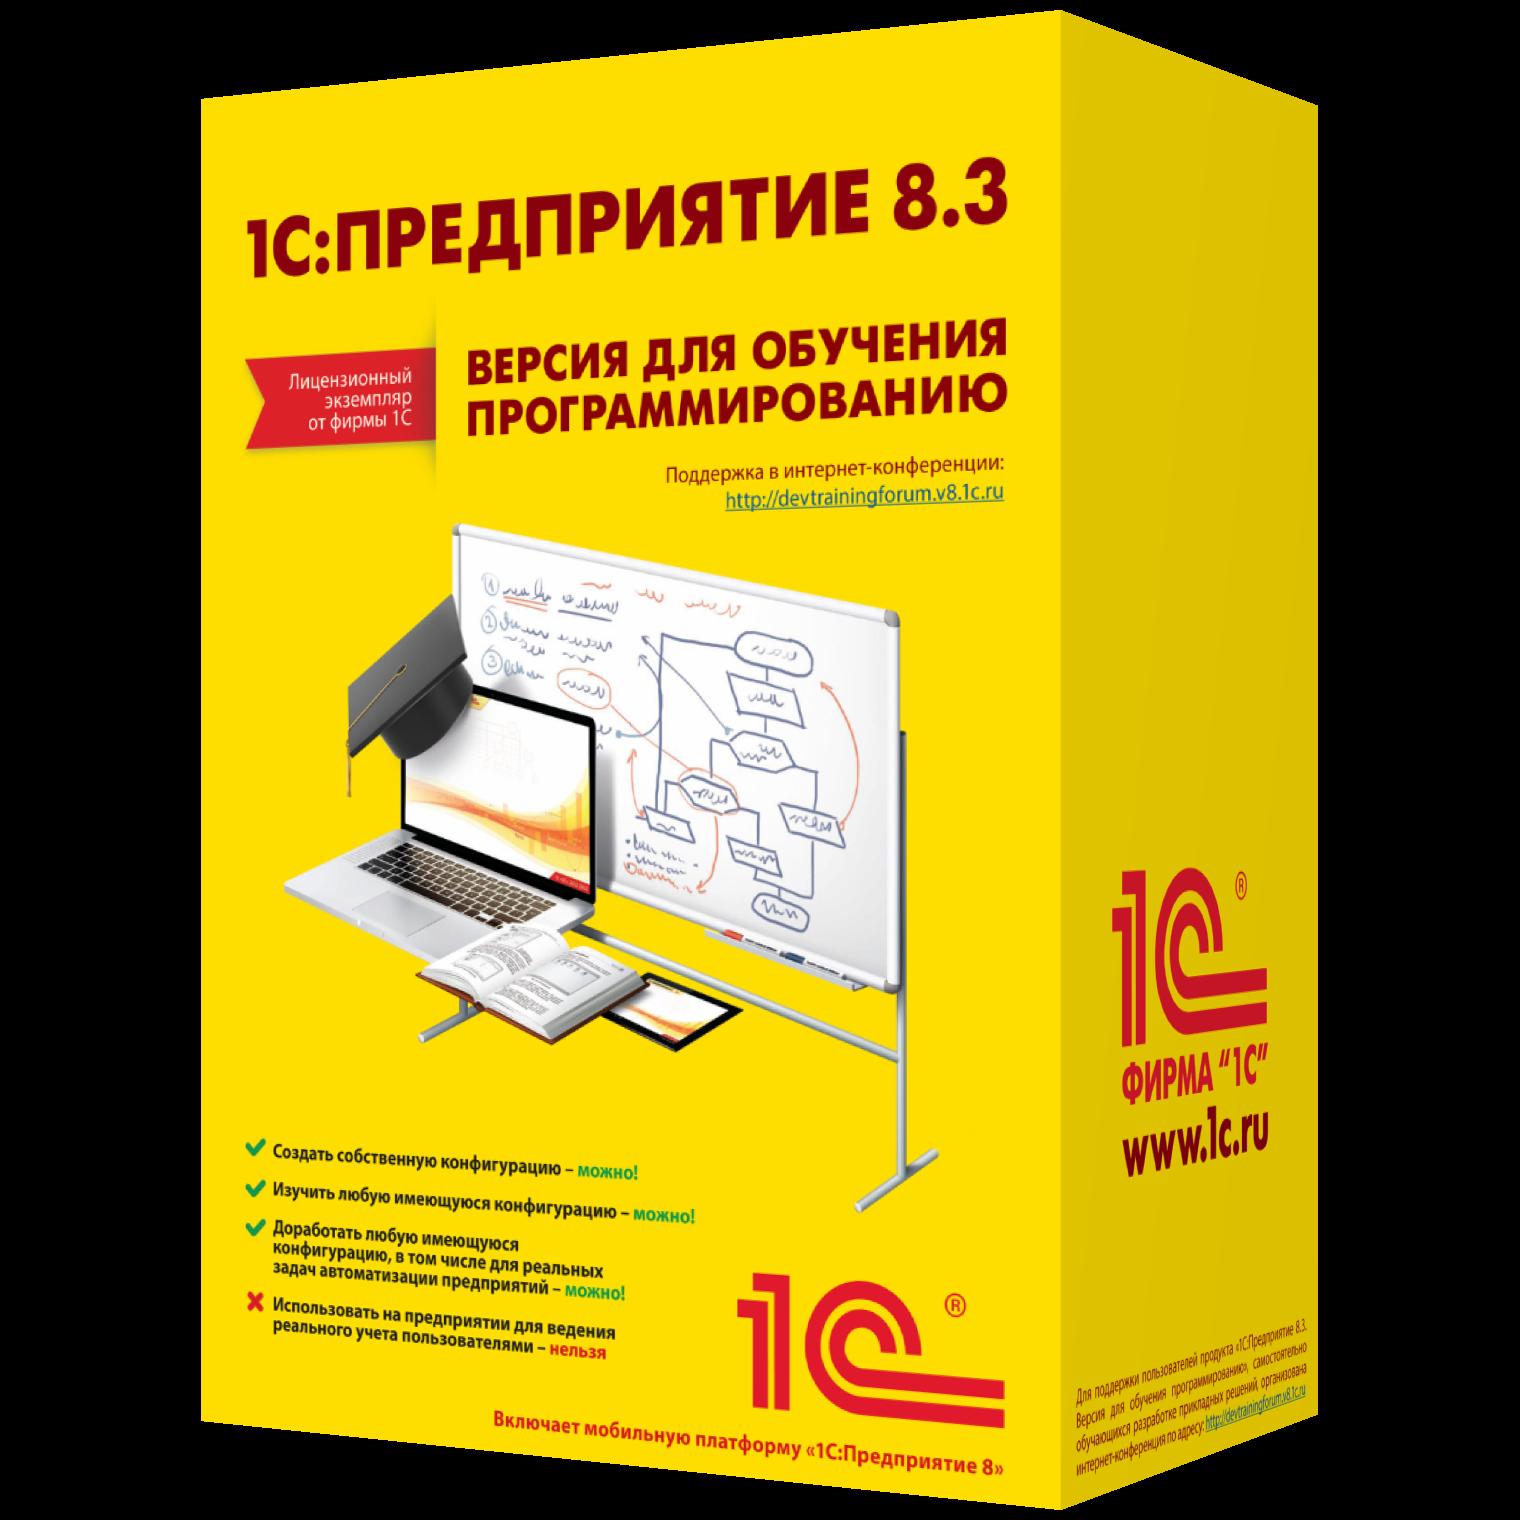 1С:Предприятие 8.3. Версия для обучения программированию.